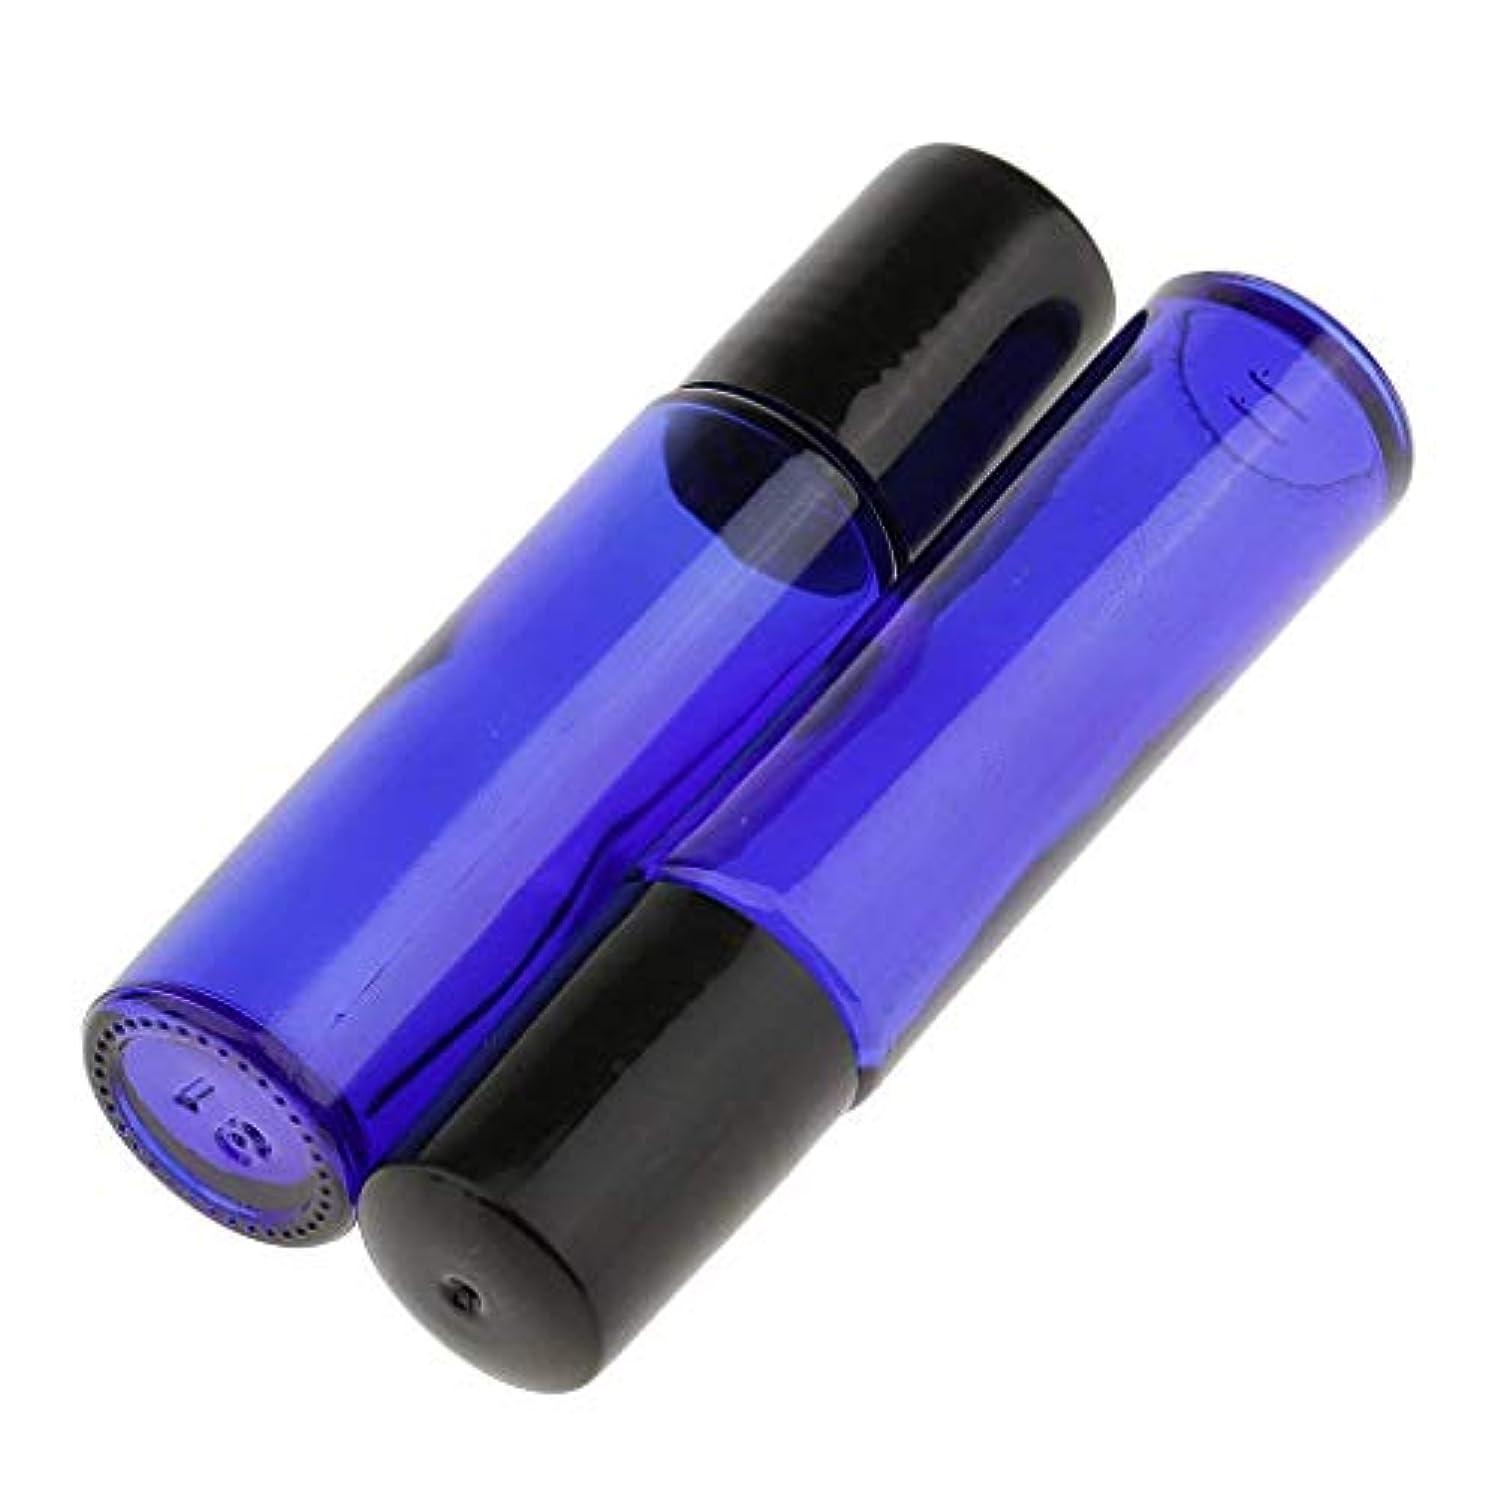 凍結代名詞スカルクロールオンボトル 遮光瓶 ガラスロールタイプ 2 本セット